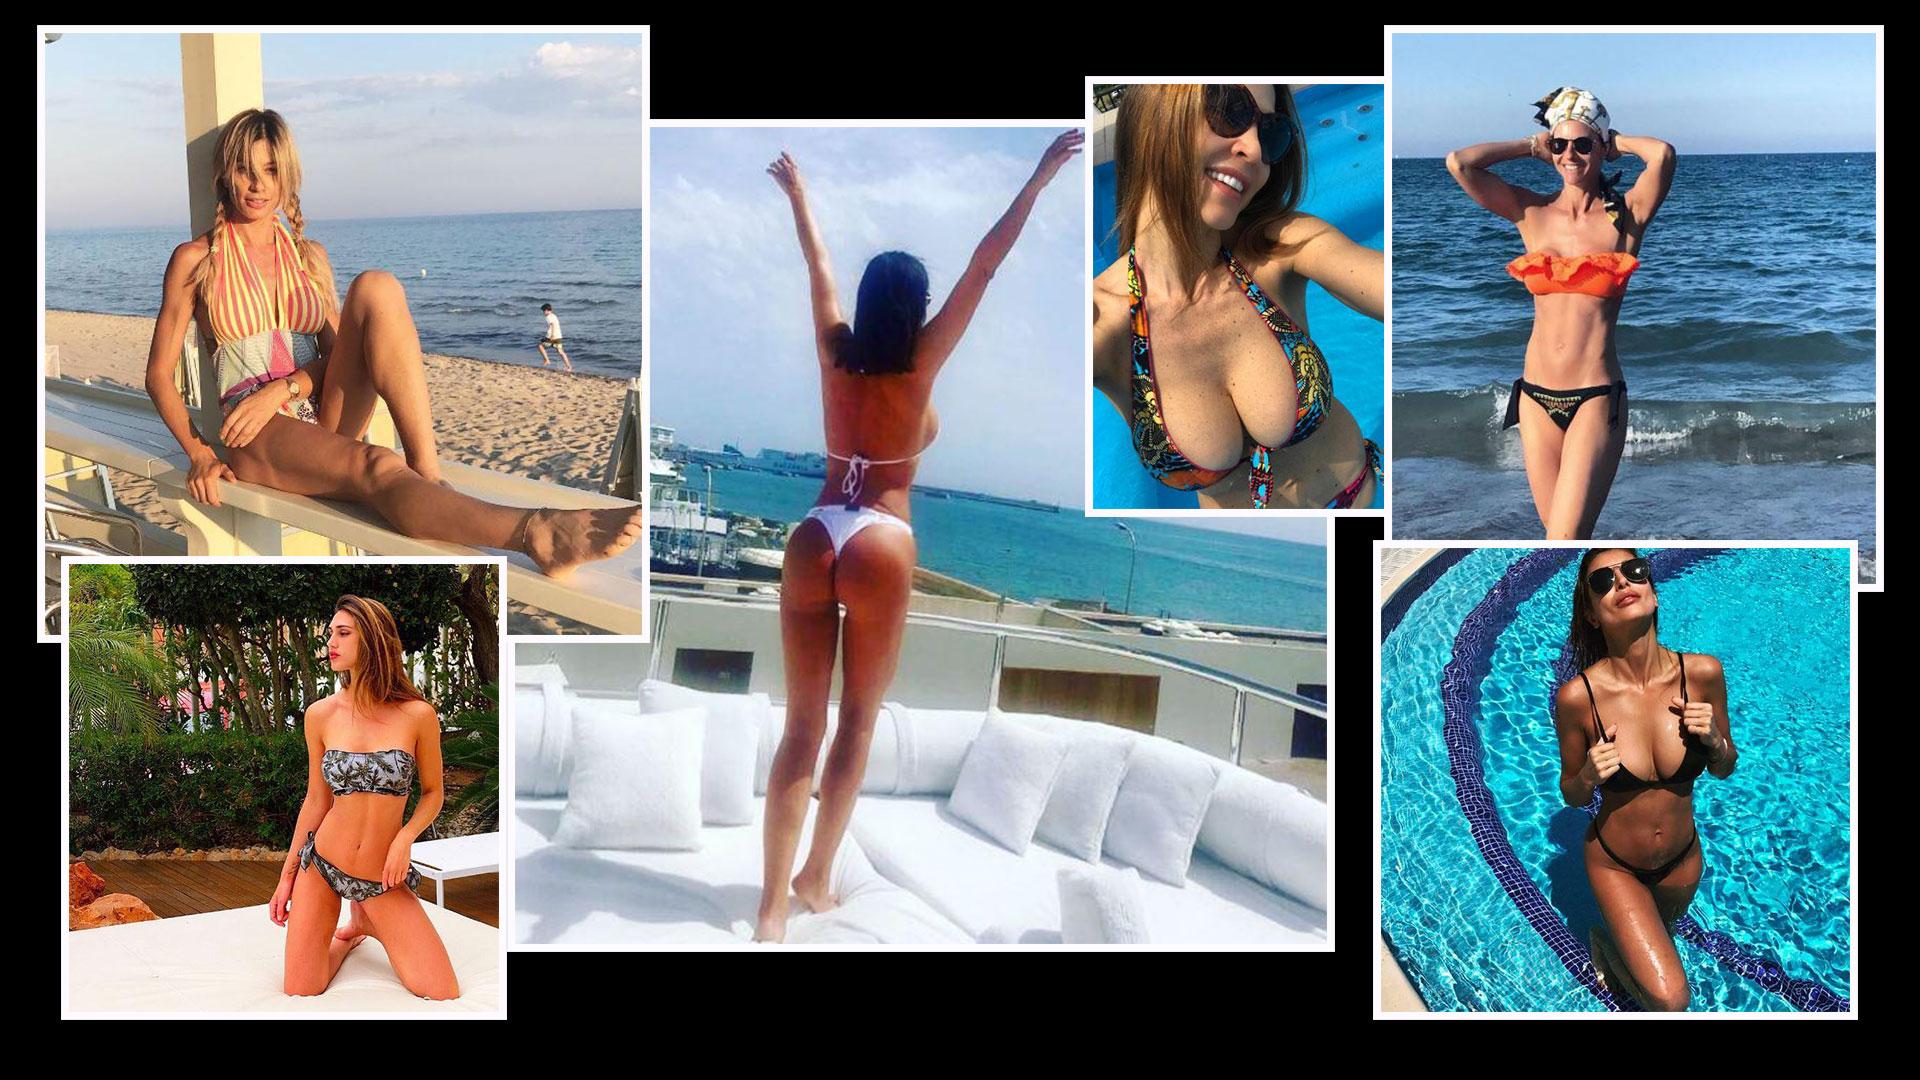 Mare, iniziata l'estate vip diCanalis, Corvaglia, Rodriguez, Tatangelo e compagnia bella